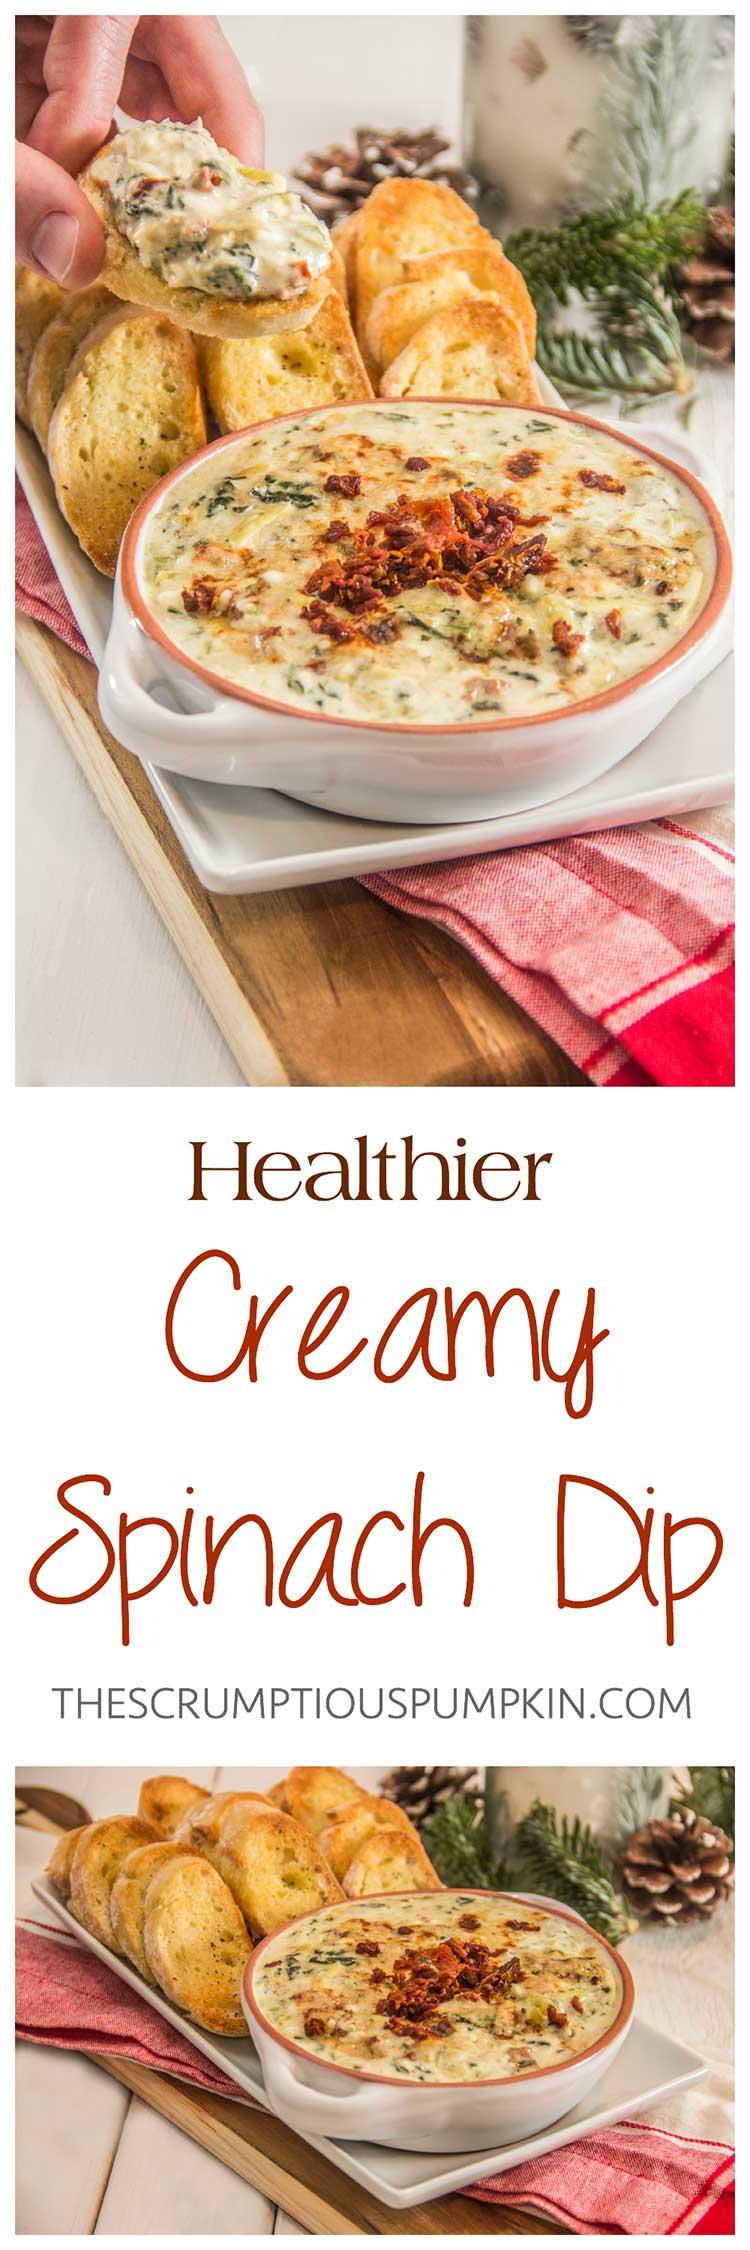 Healthy-Creamy-Spinach-Artichoke-Dip